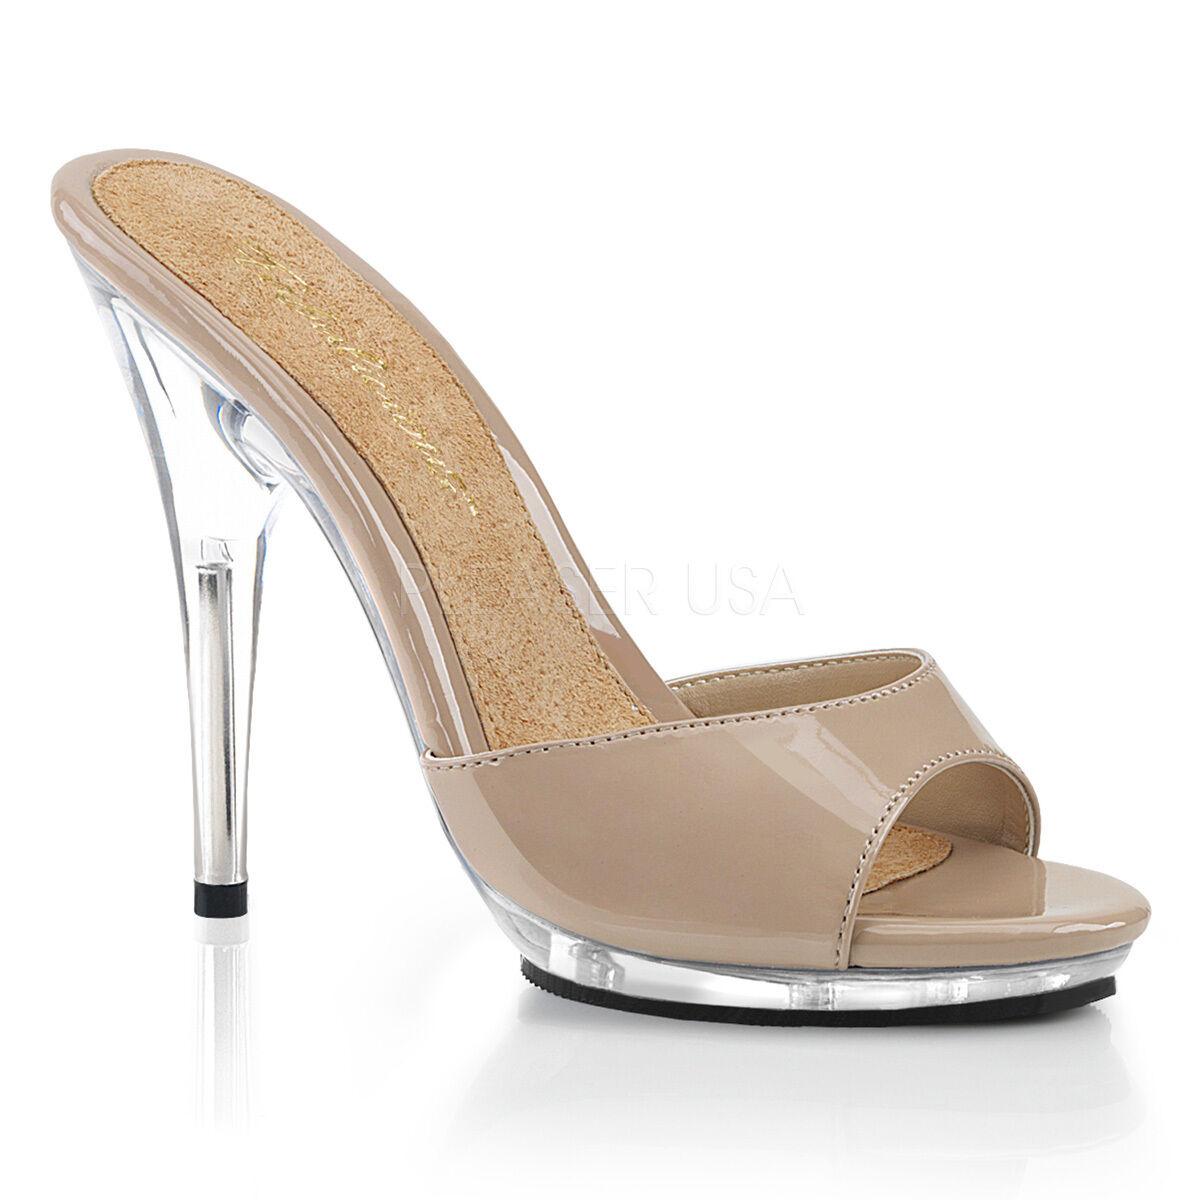 Pleaser High Poise-501 Slip On Mules Slide Schuhes 5